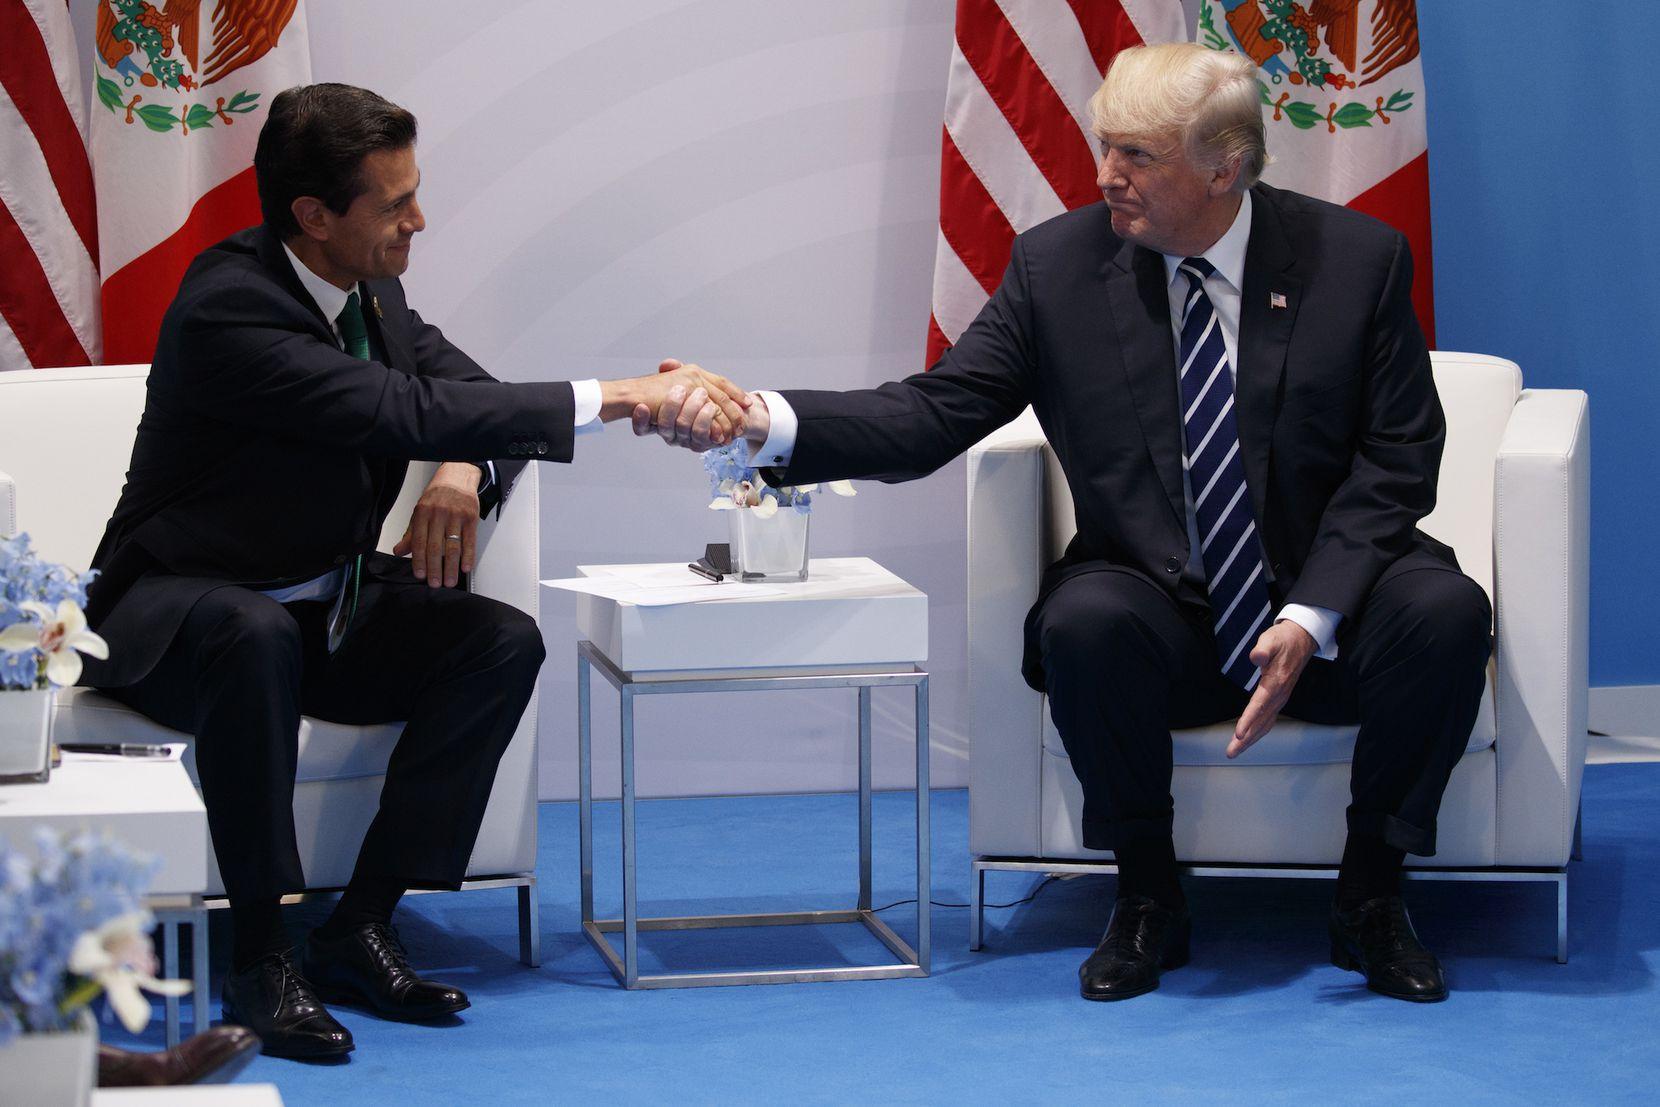 Enrique Peña Nieto y Donald Trump se saludan en la cumbre G-20 en Alemania. AP